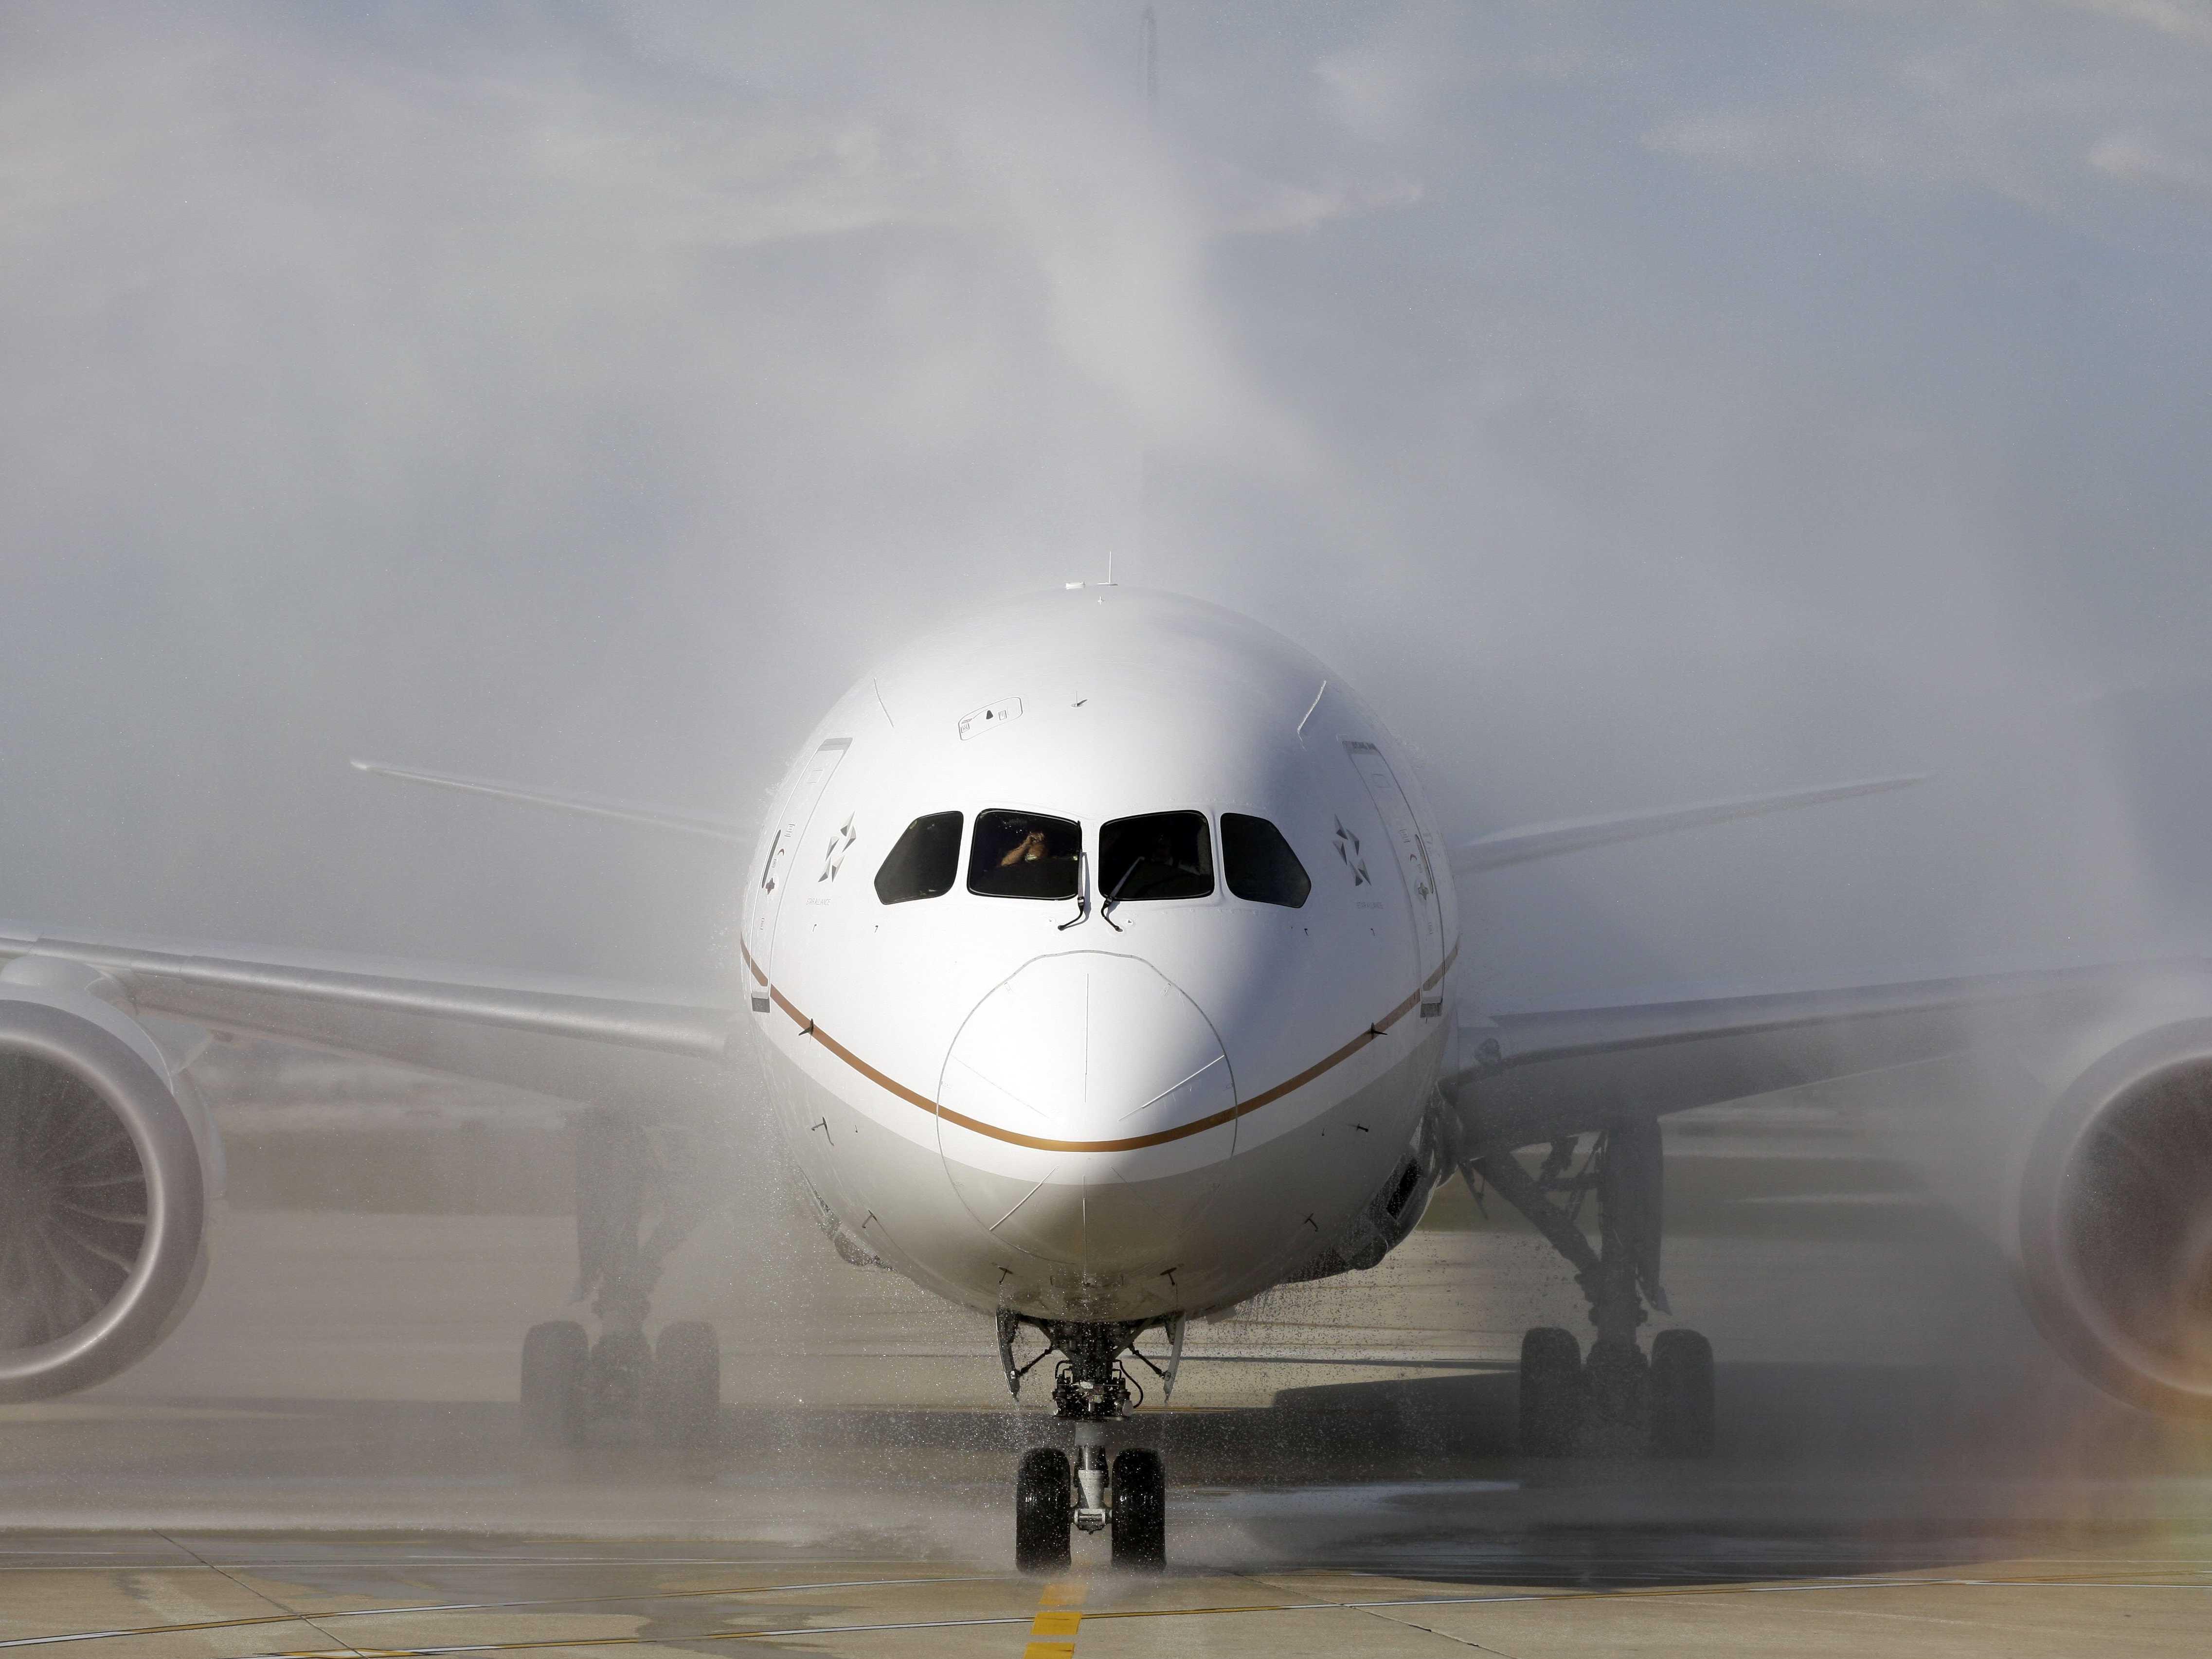 Airbus: Le projet ATTOL fait rouler, décoller et atterrir un avion commercial de façon autonome